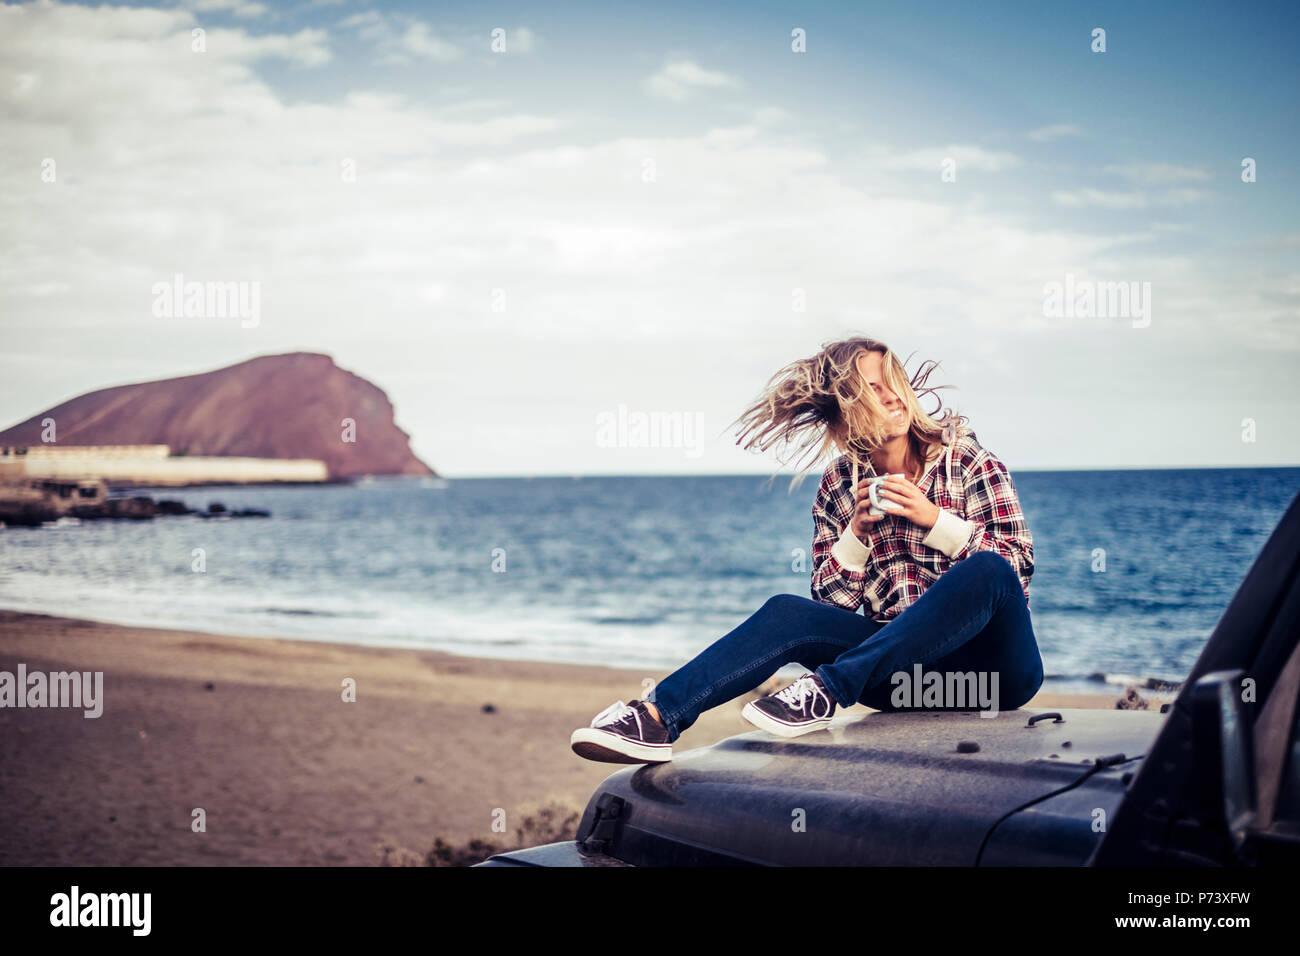 Feliz estancia chica rubia hermosa piscina disfrutando del tiempo y los viajes con coche negro. off road wanderlust concepto estacionada en la arena a t Imagen De Stock